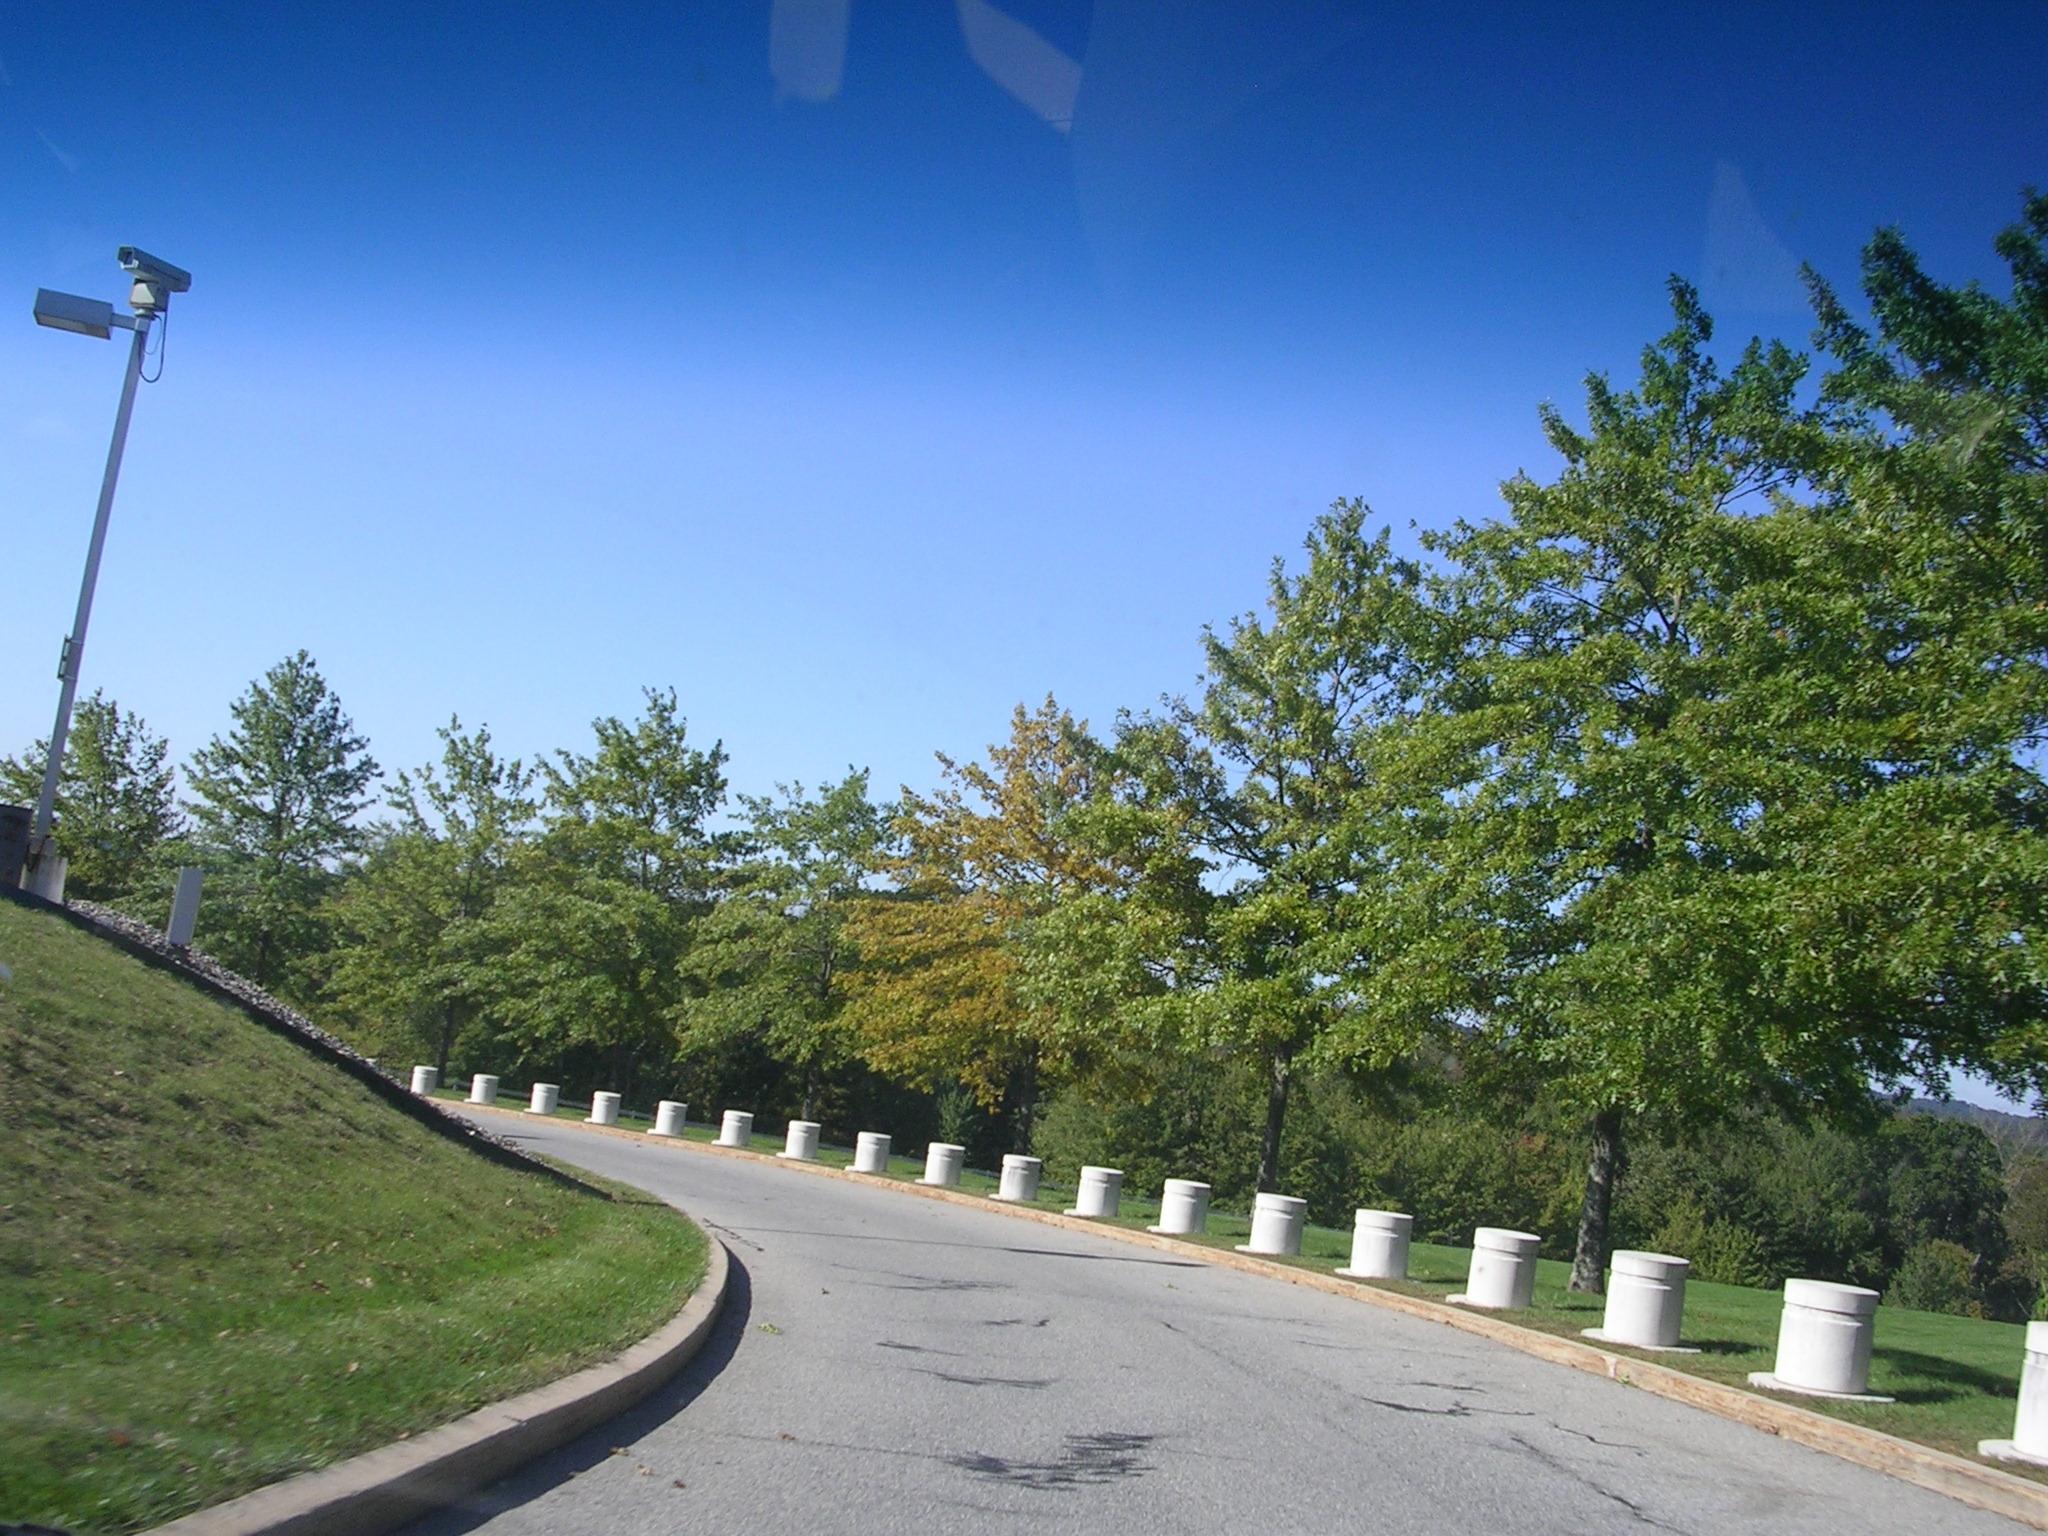 2006-9-26 017.JPG